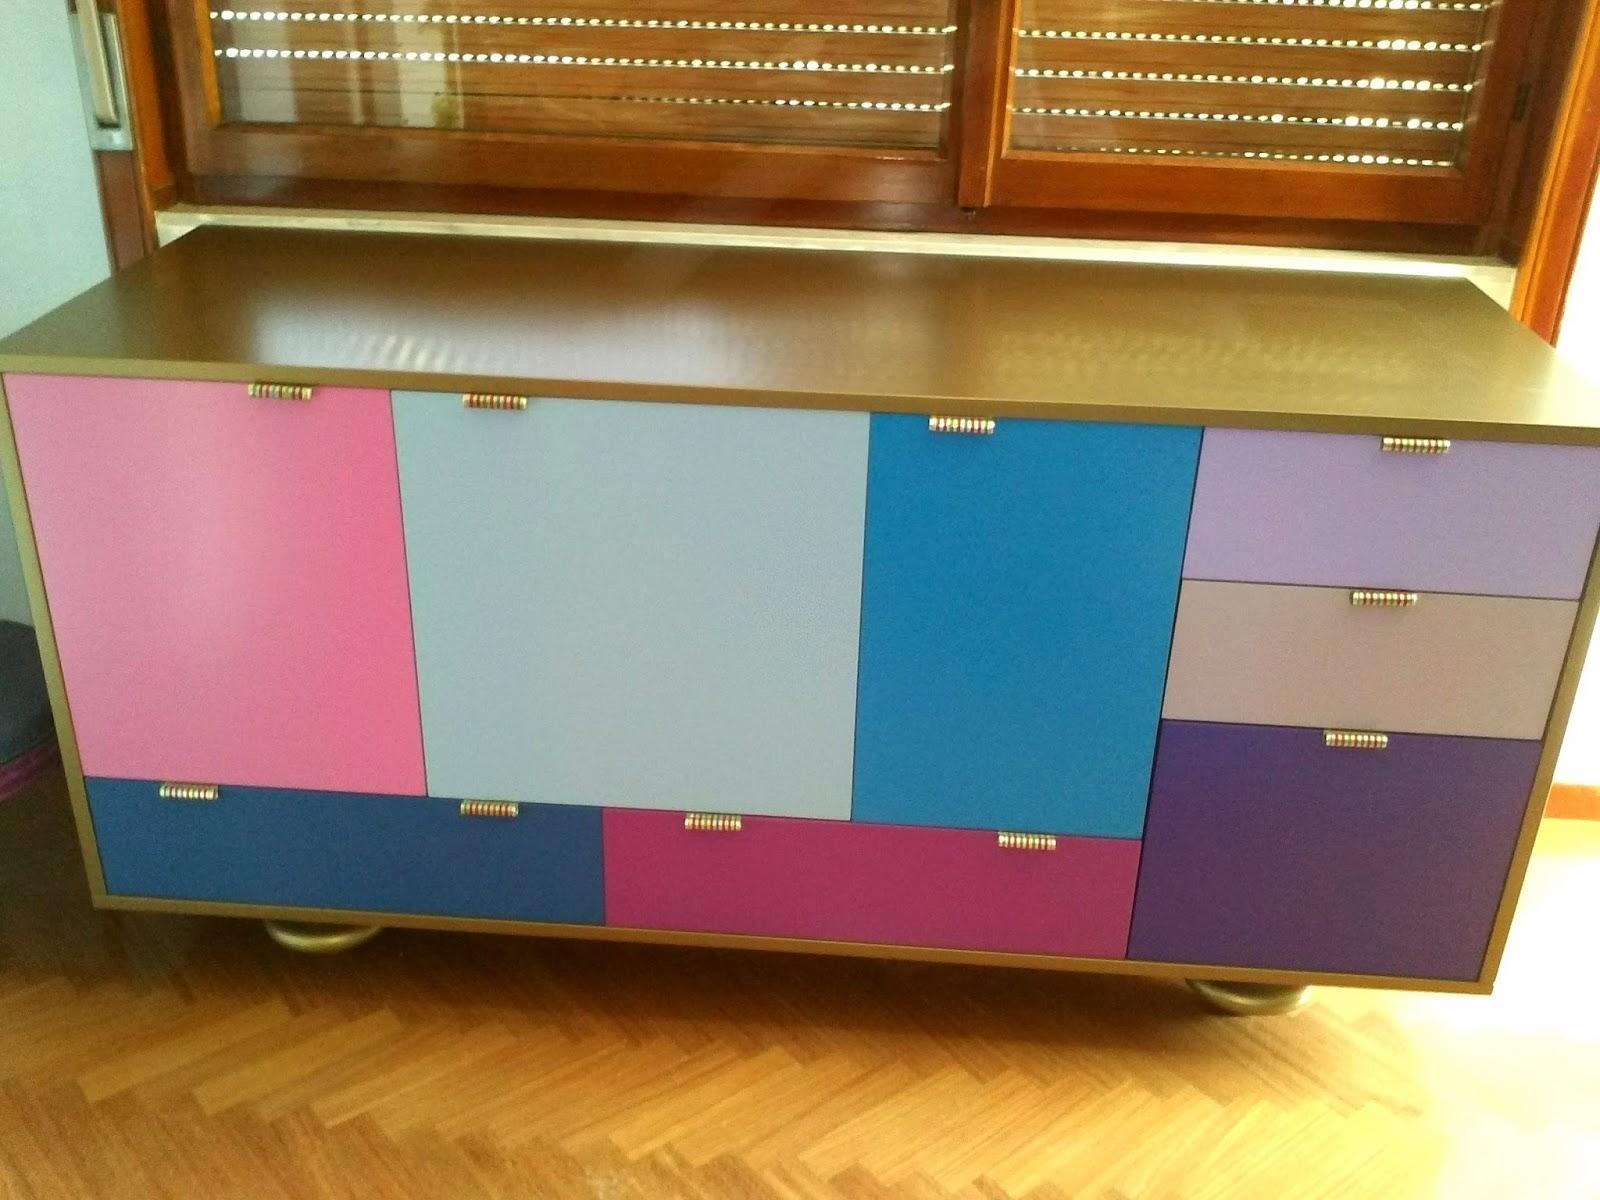 Arte del legno modelli in legno di mobili vari armadio cassettiere vetrine rivestimenti - Cassettiere per cabine armadio ...